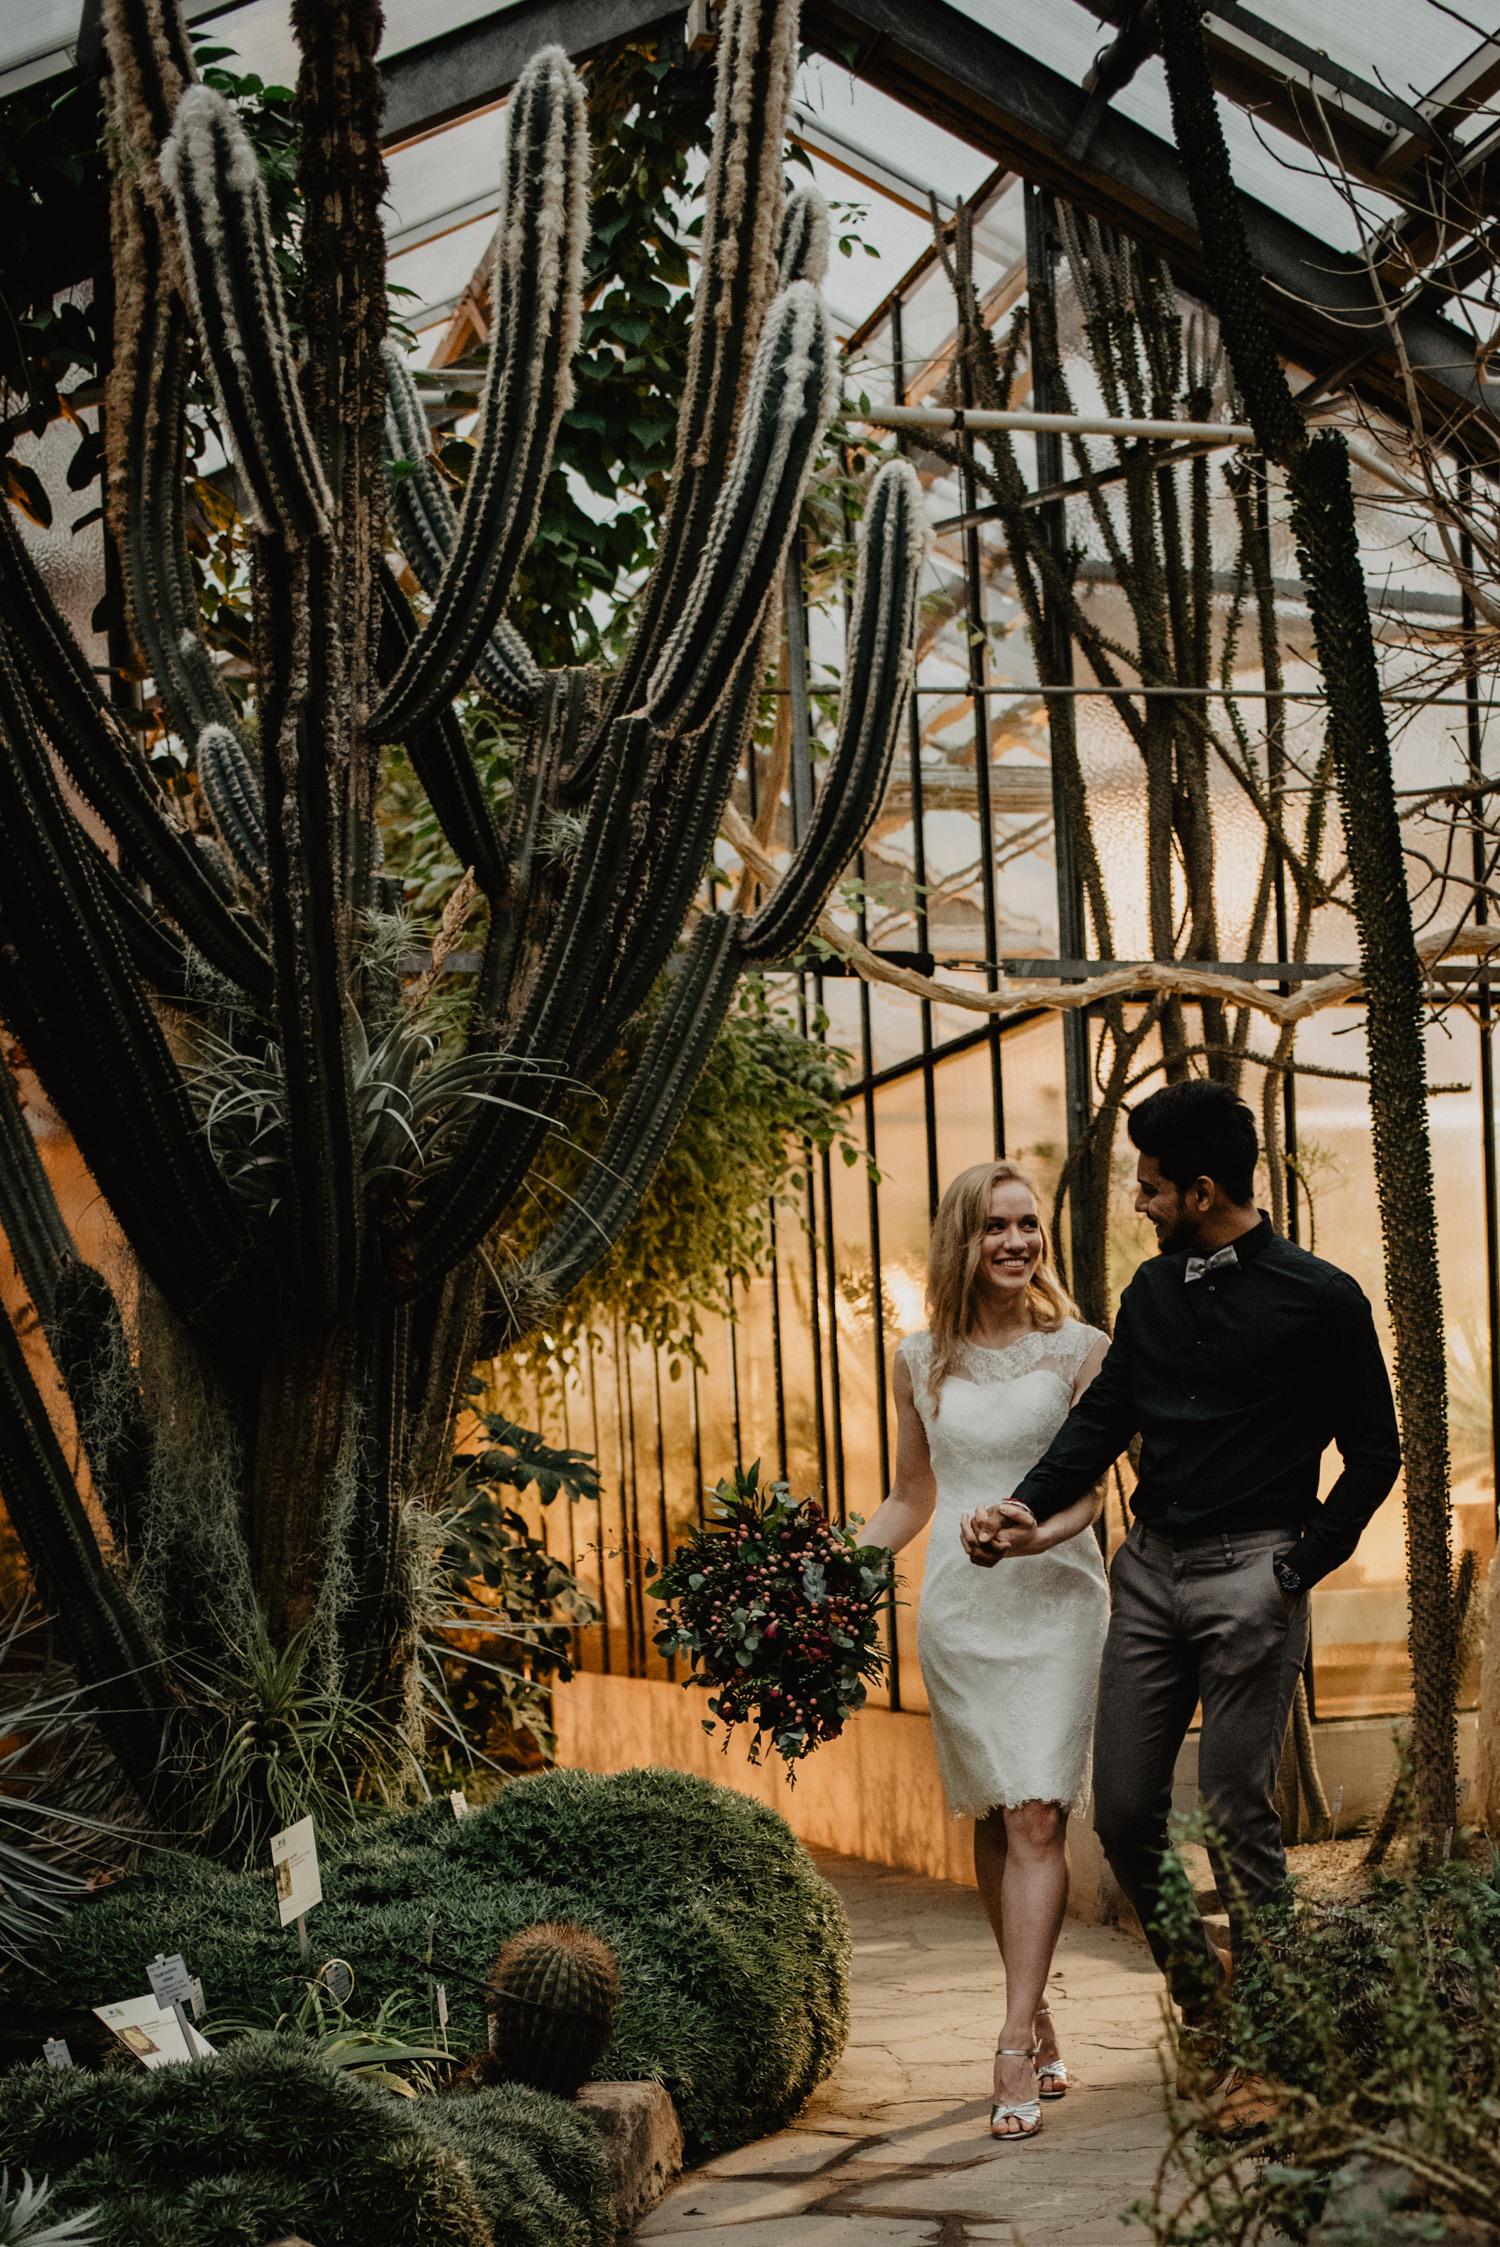 Ein Brautpaar spaziert beim Hochzeits-Fotoshooting umgeben von Wüstenpflanzen.